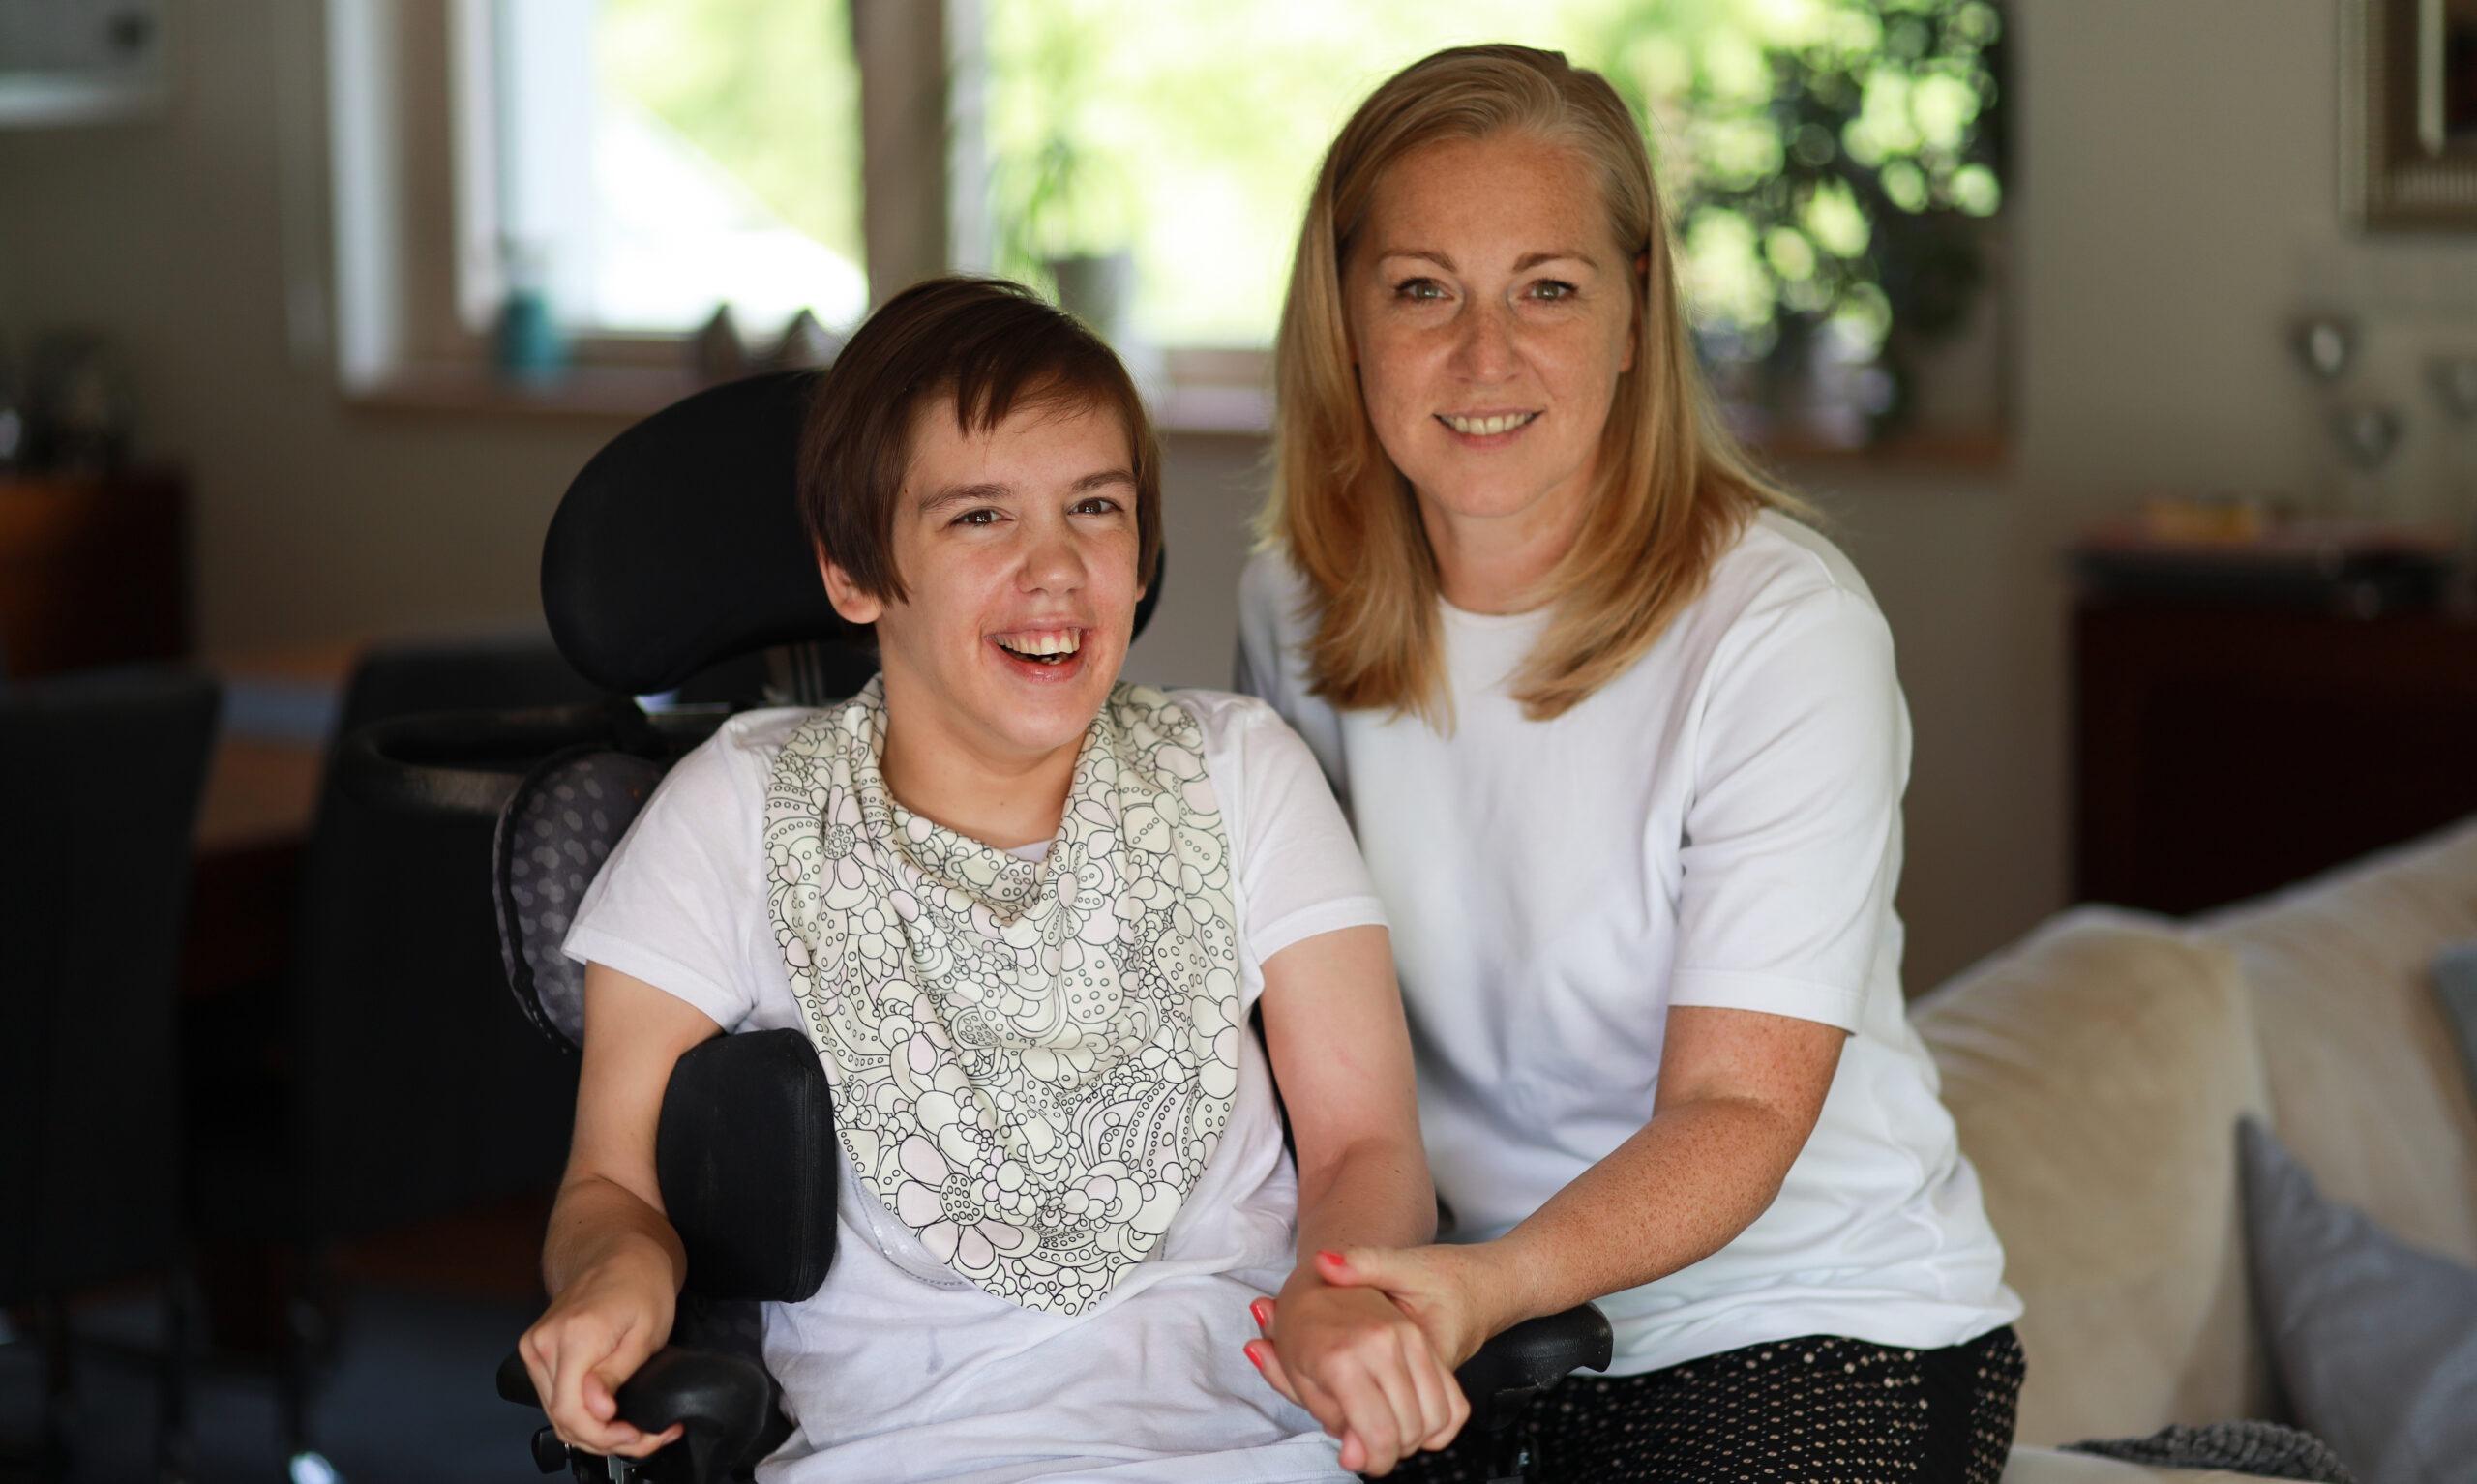 Optimismus mi pomáhá vyrovnat se s postižením dcery. Snažím se ho proto šířit dál, říká Eva Nemčková